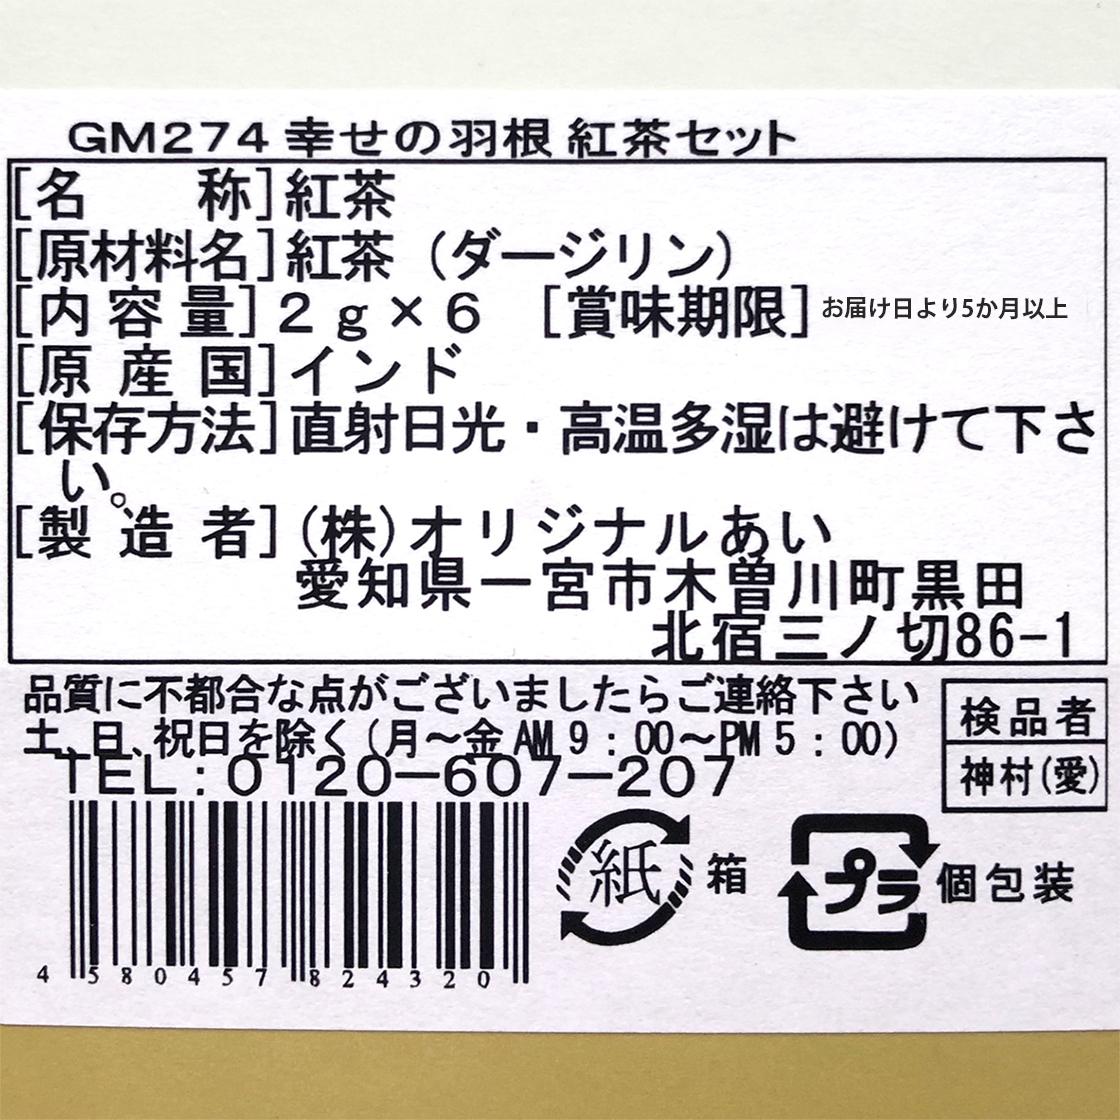 カタログギフト/ウルアオ 全12種類+バームクーヘン+紅茶 39